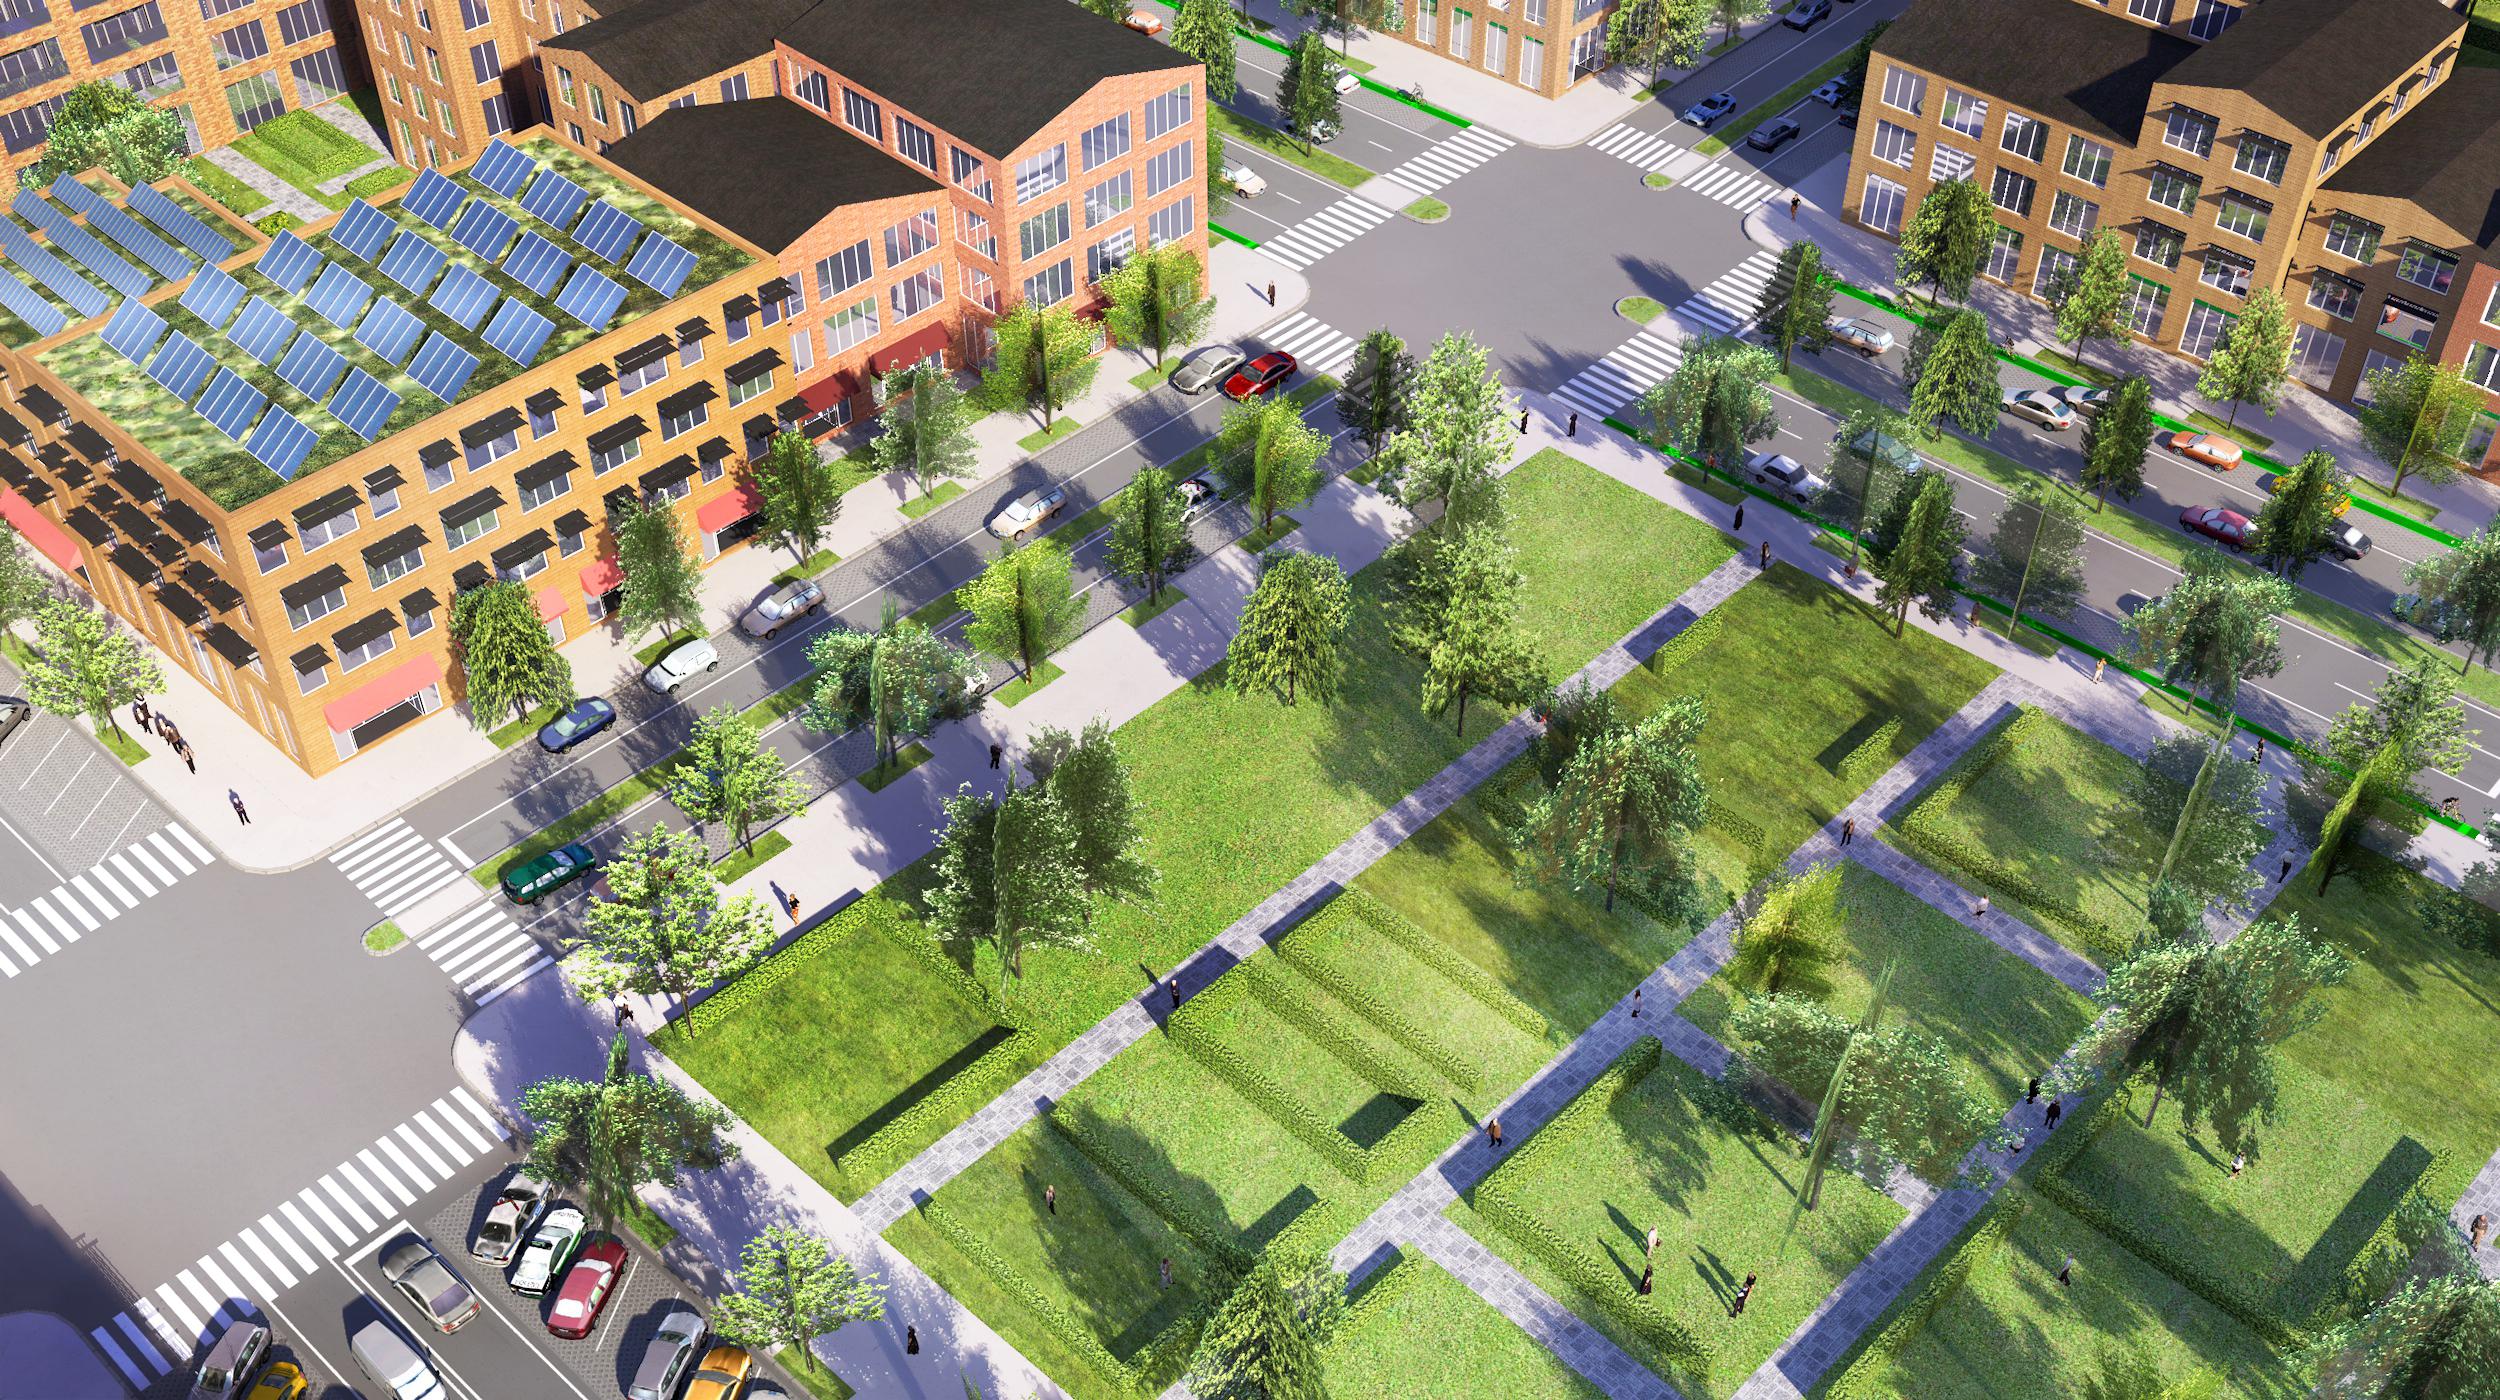 Rys. 2. Model miasta Redlands - wybrany fragment